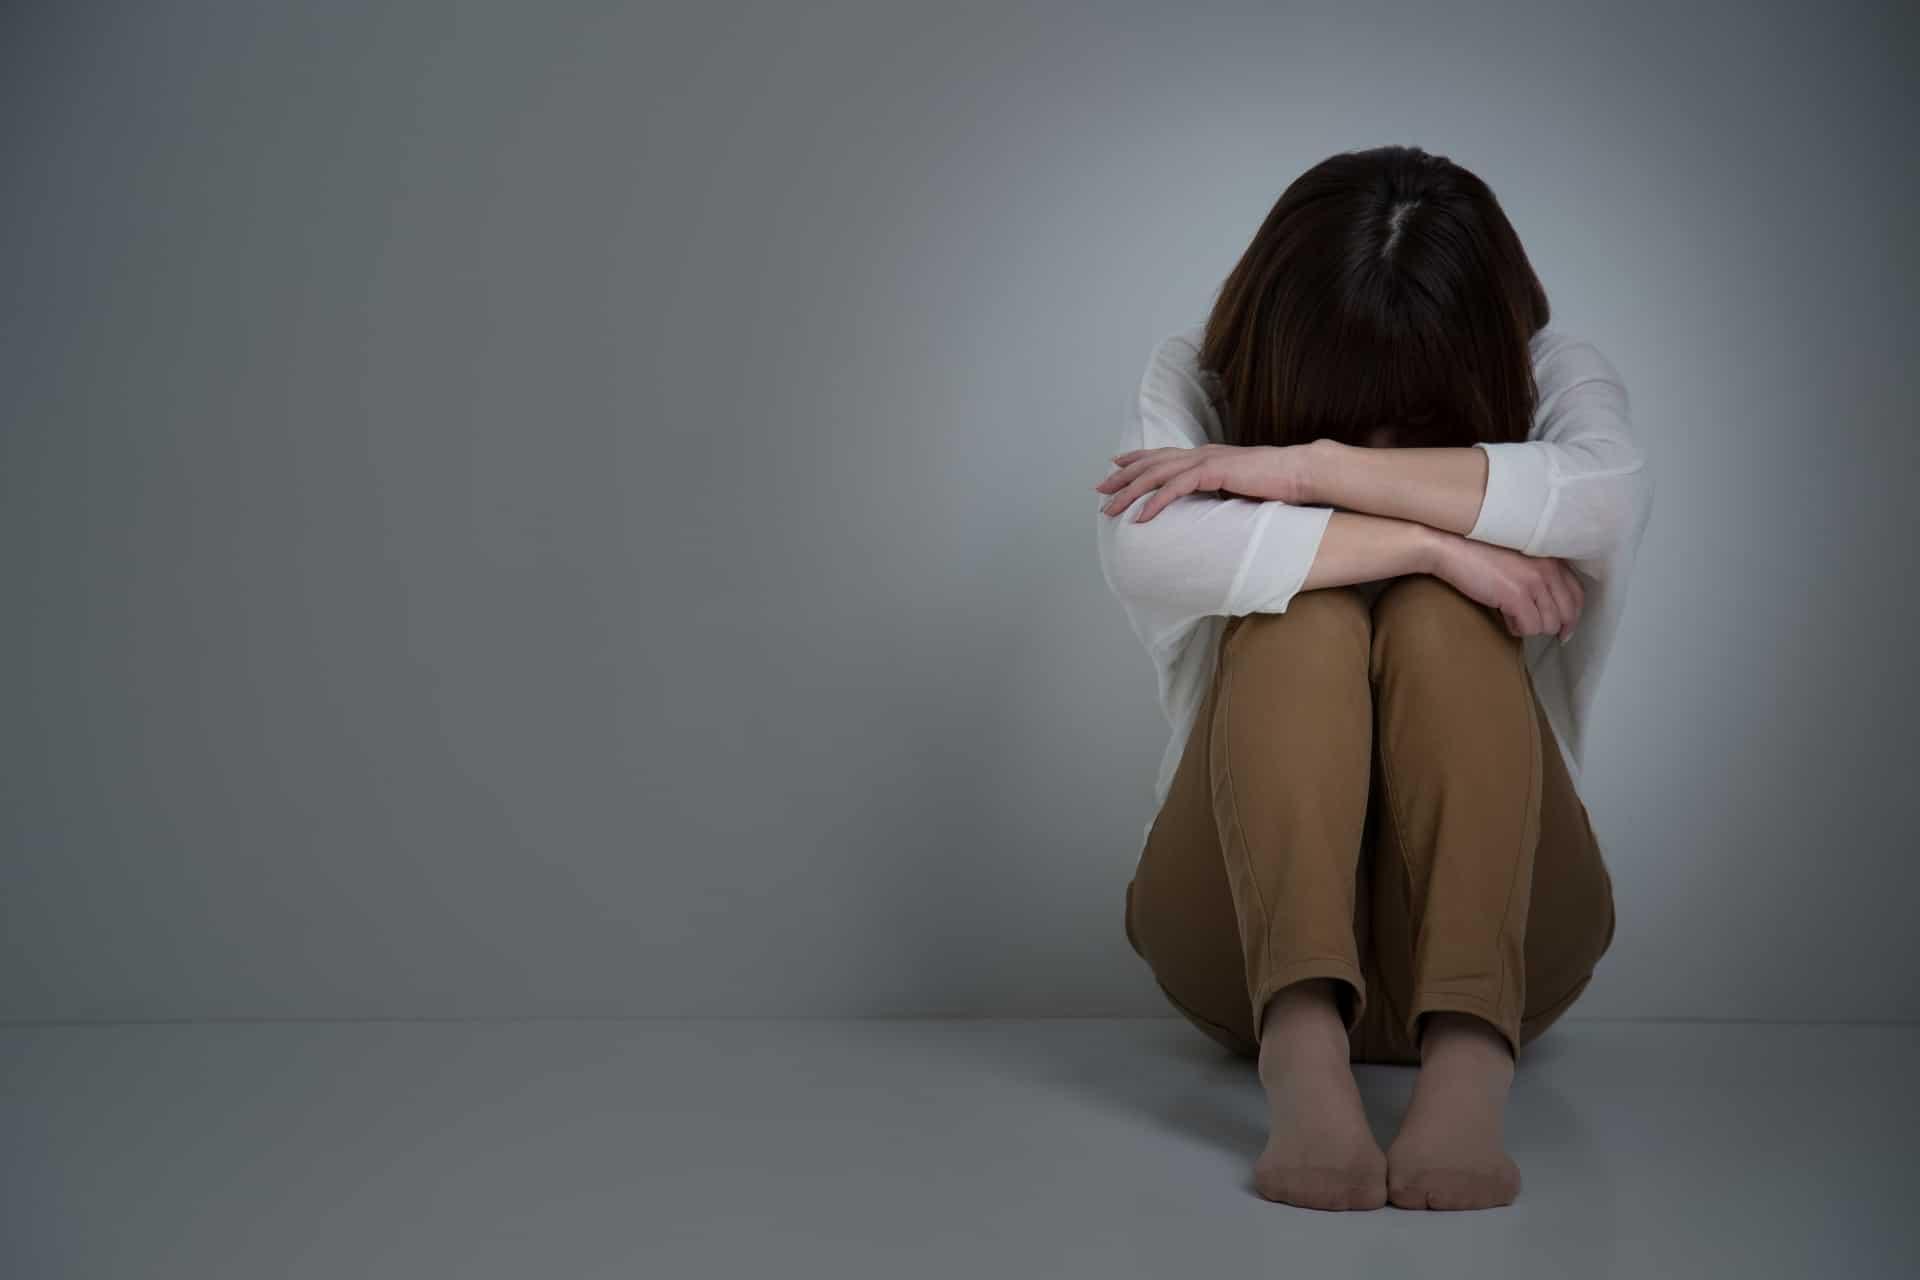 膝を抱える女性、うつ、悩み、落ち込む